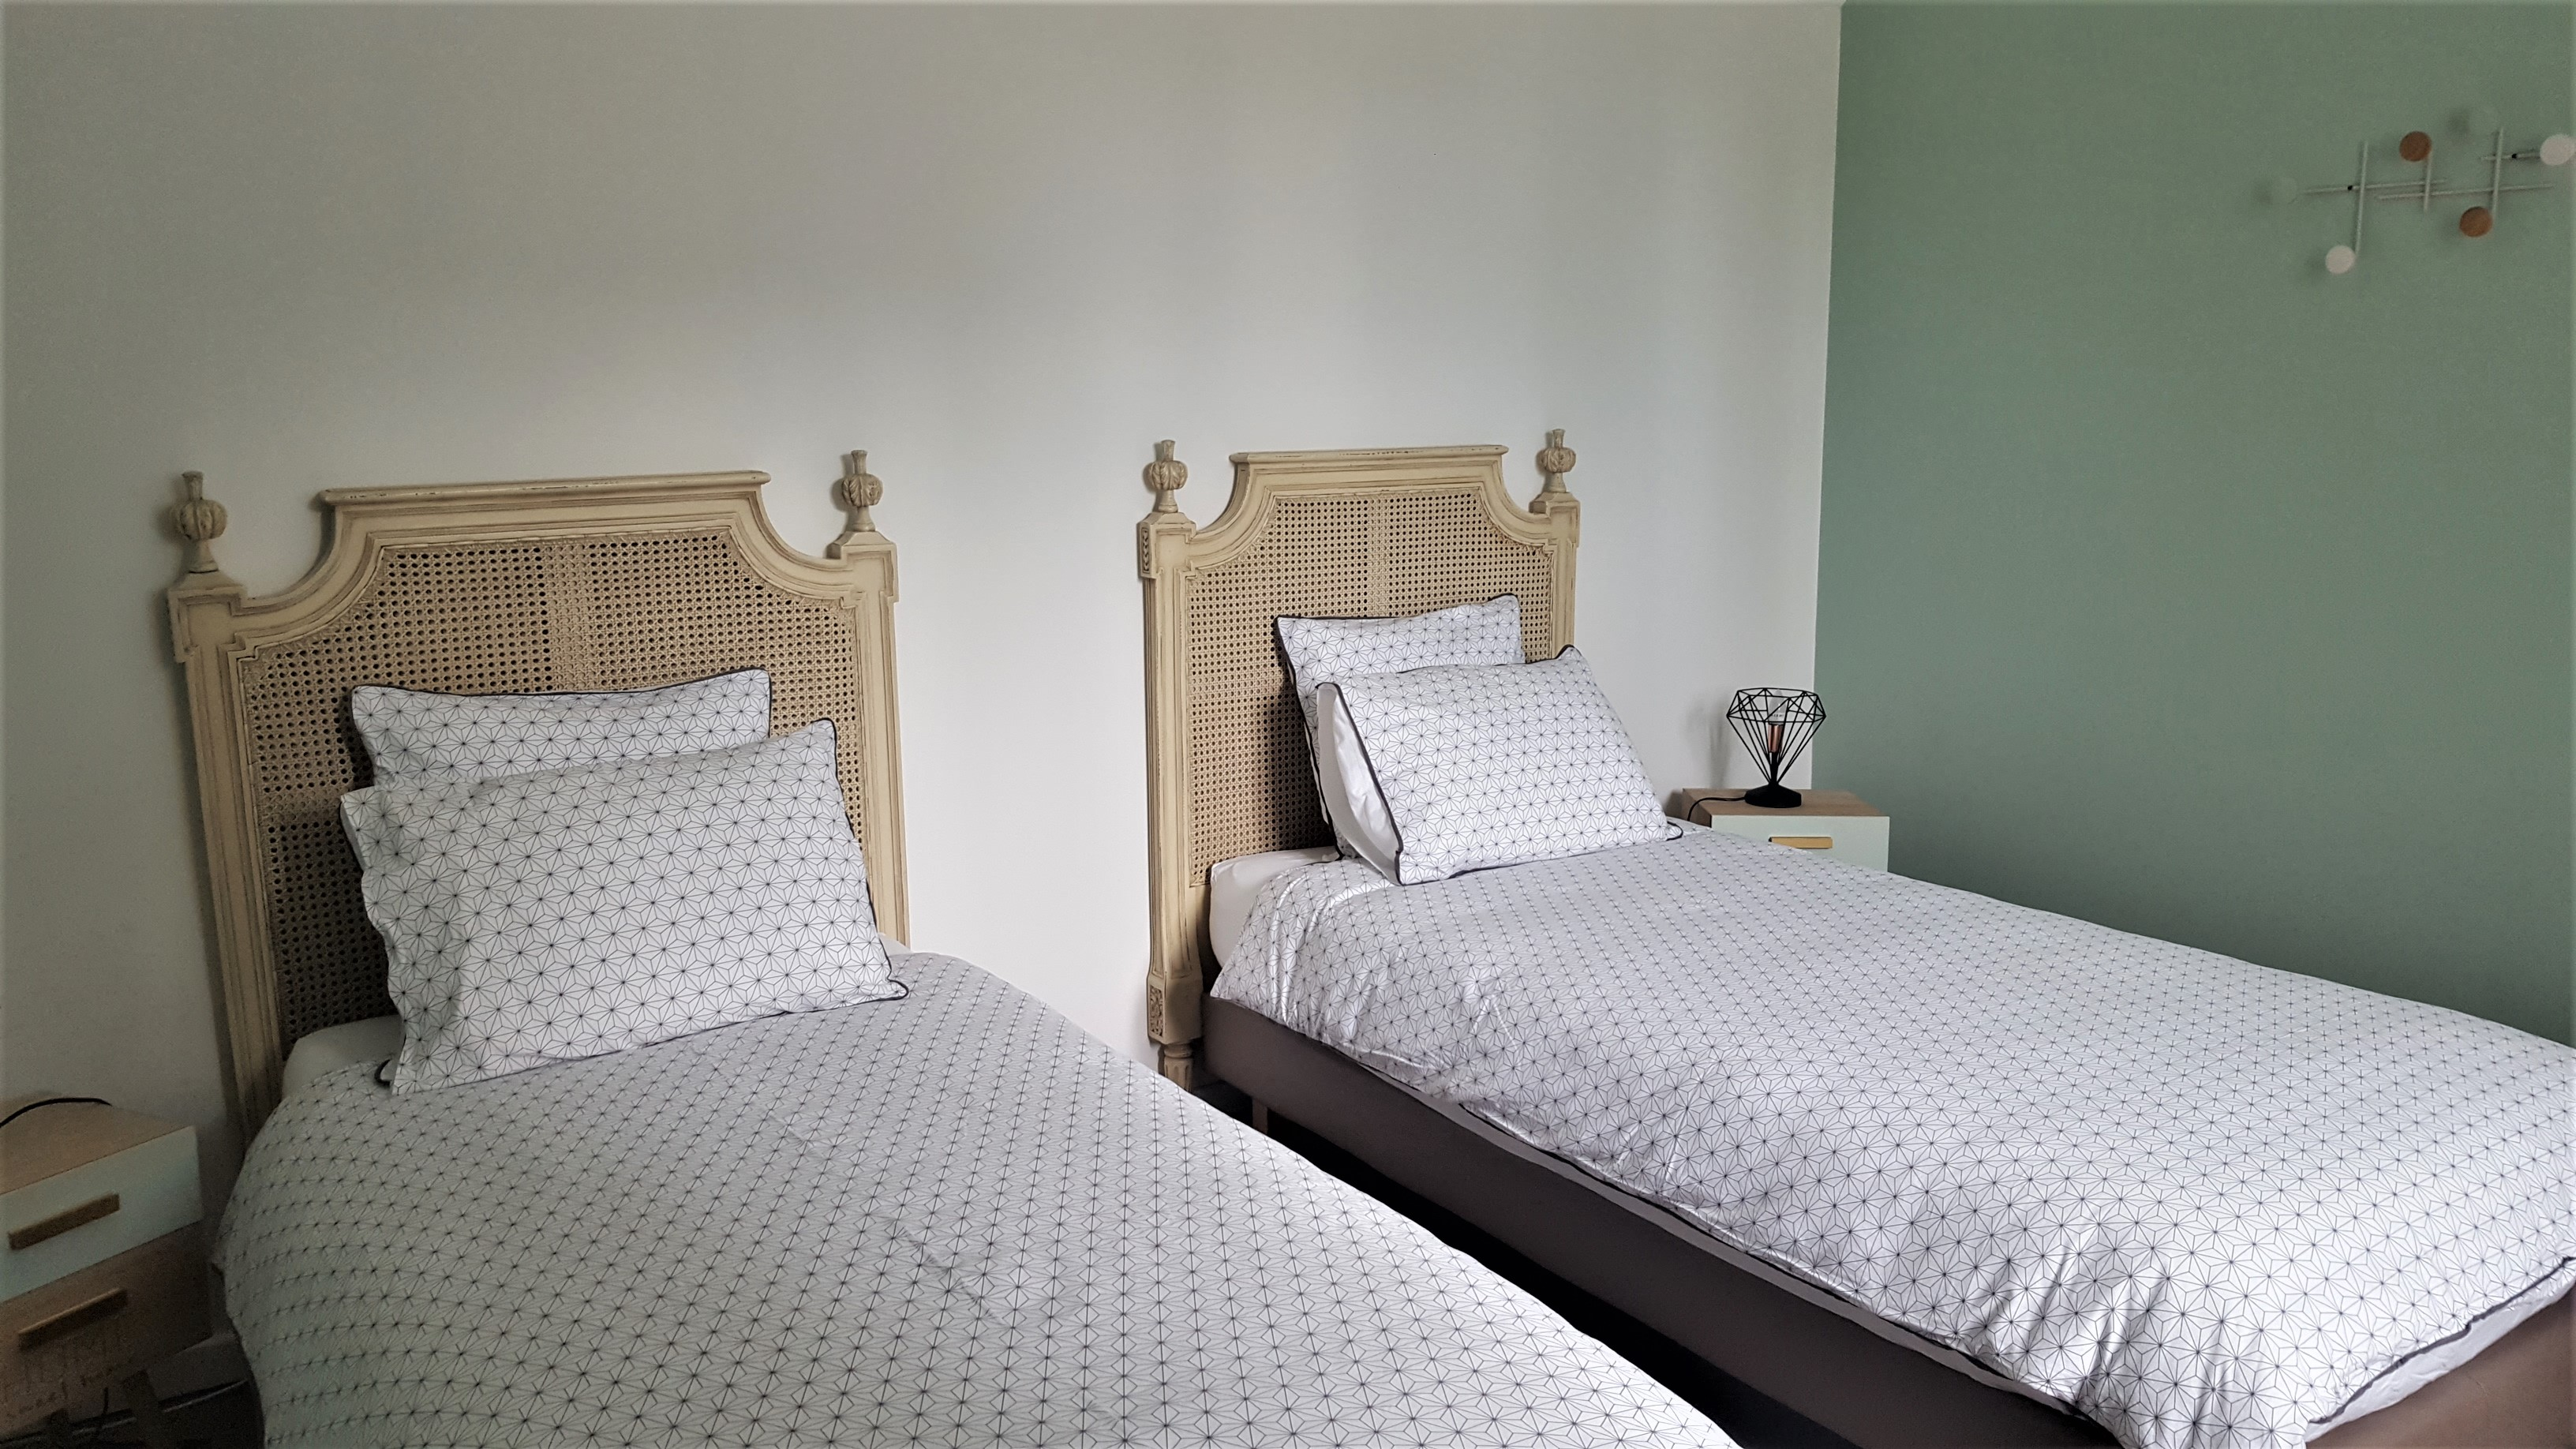 Bedroom 2 : 2 beds 90x200